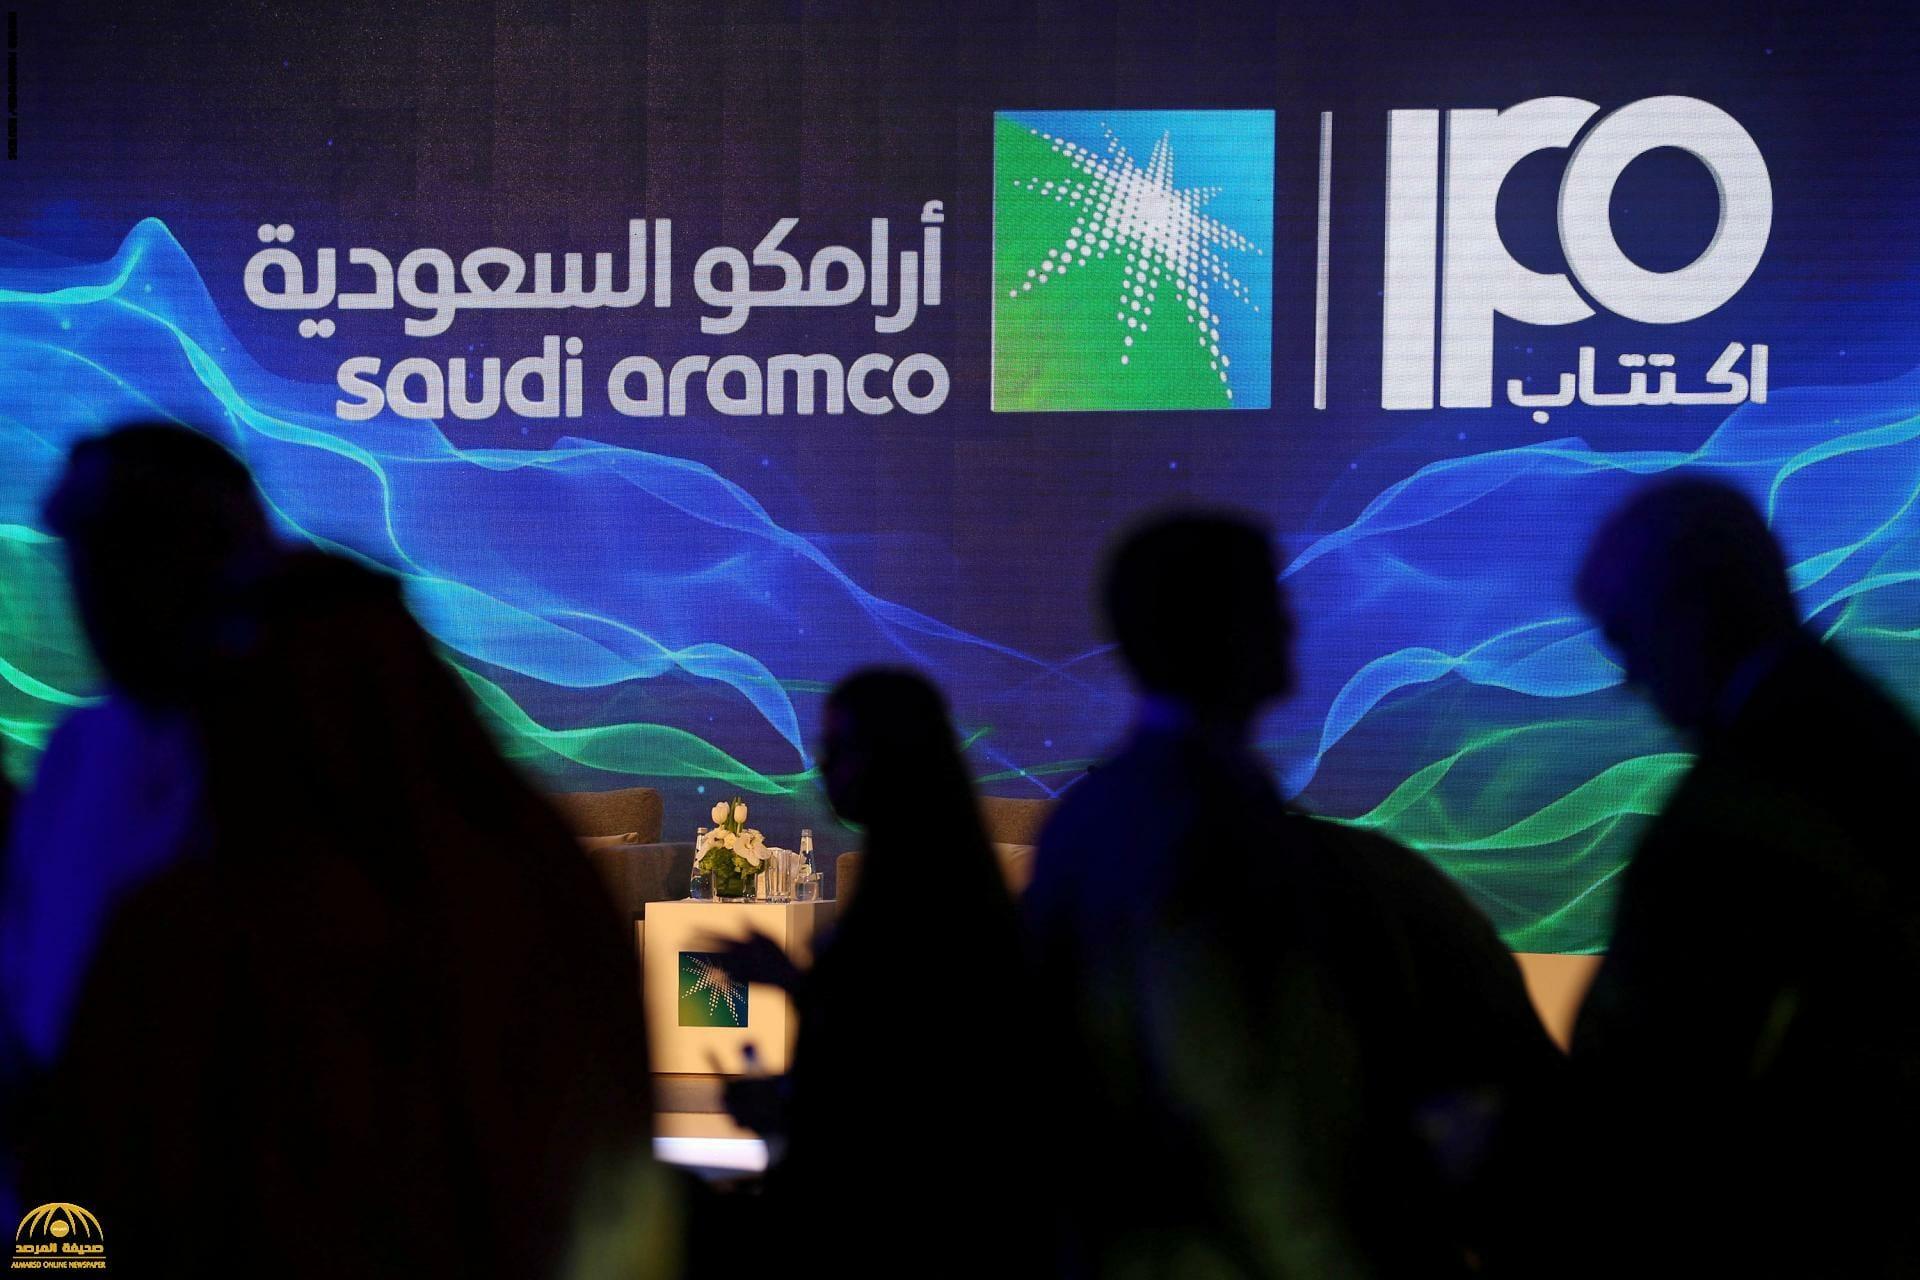 أرامكو خسائر شركات سعودية وإماراتية